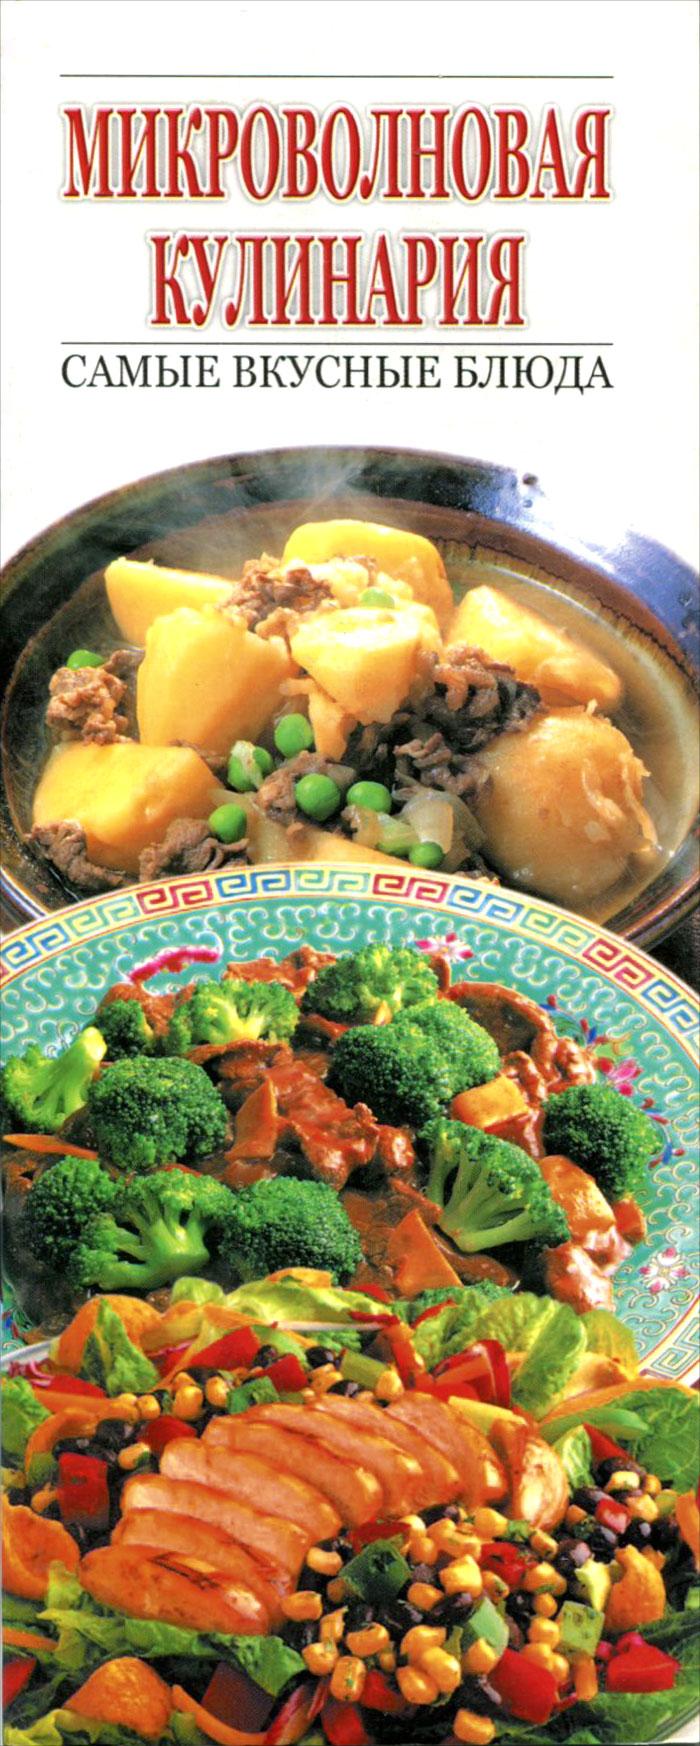 Микроволновая кулинария. Самые вкусные блюда ( 978-5-17-033355-4 )